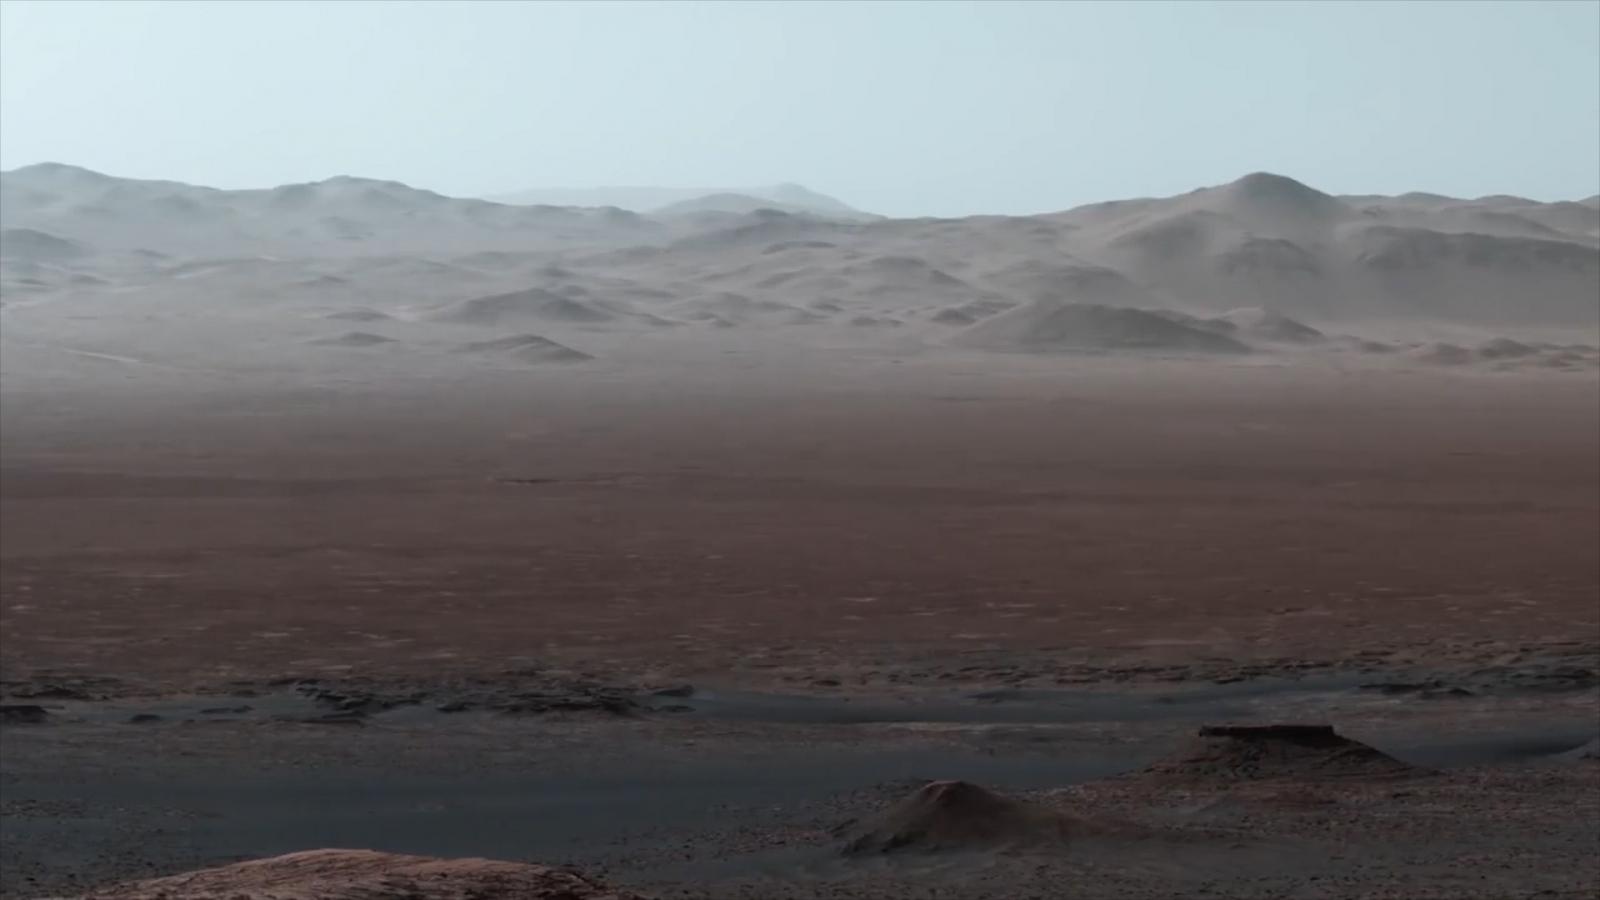 Watch Nasa's epic panoramic vista showcasing Mars